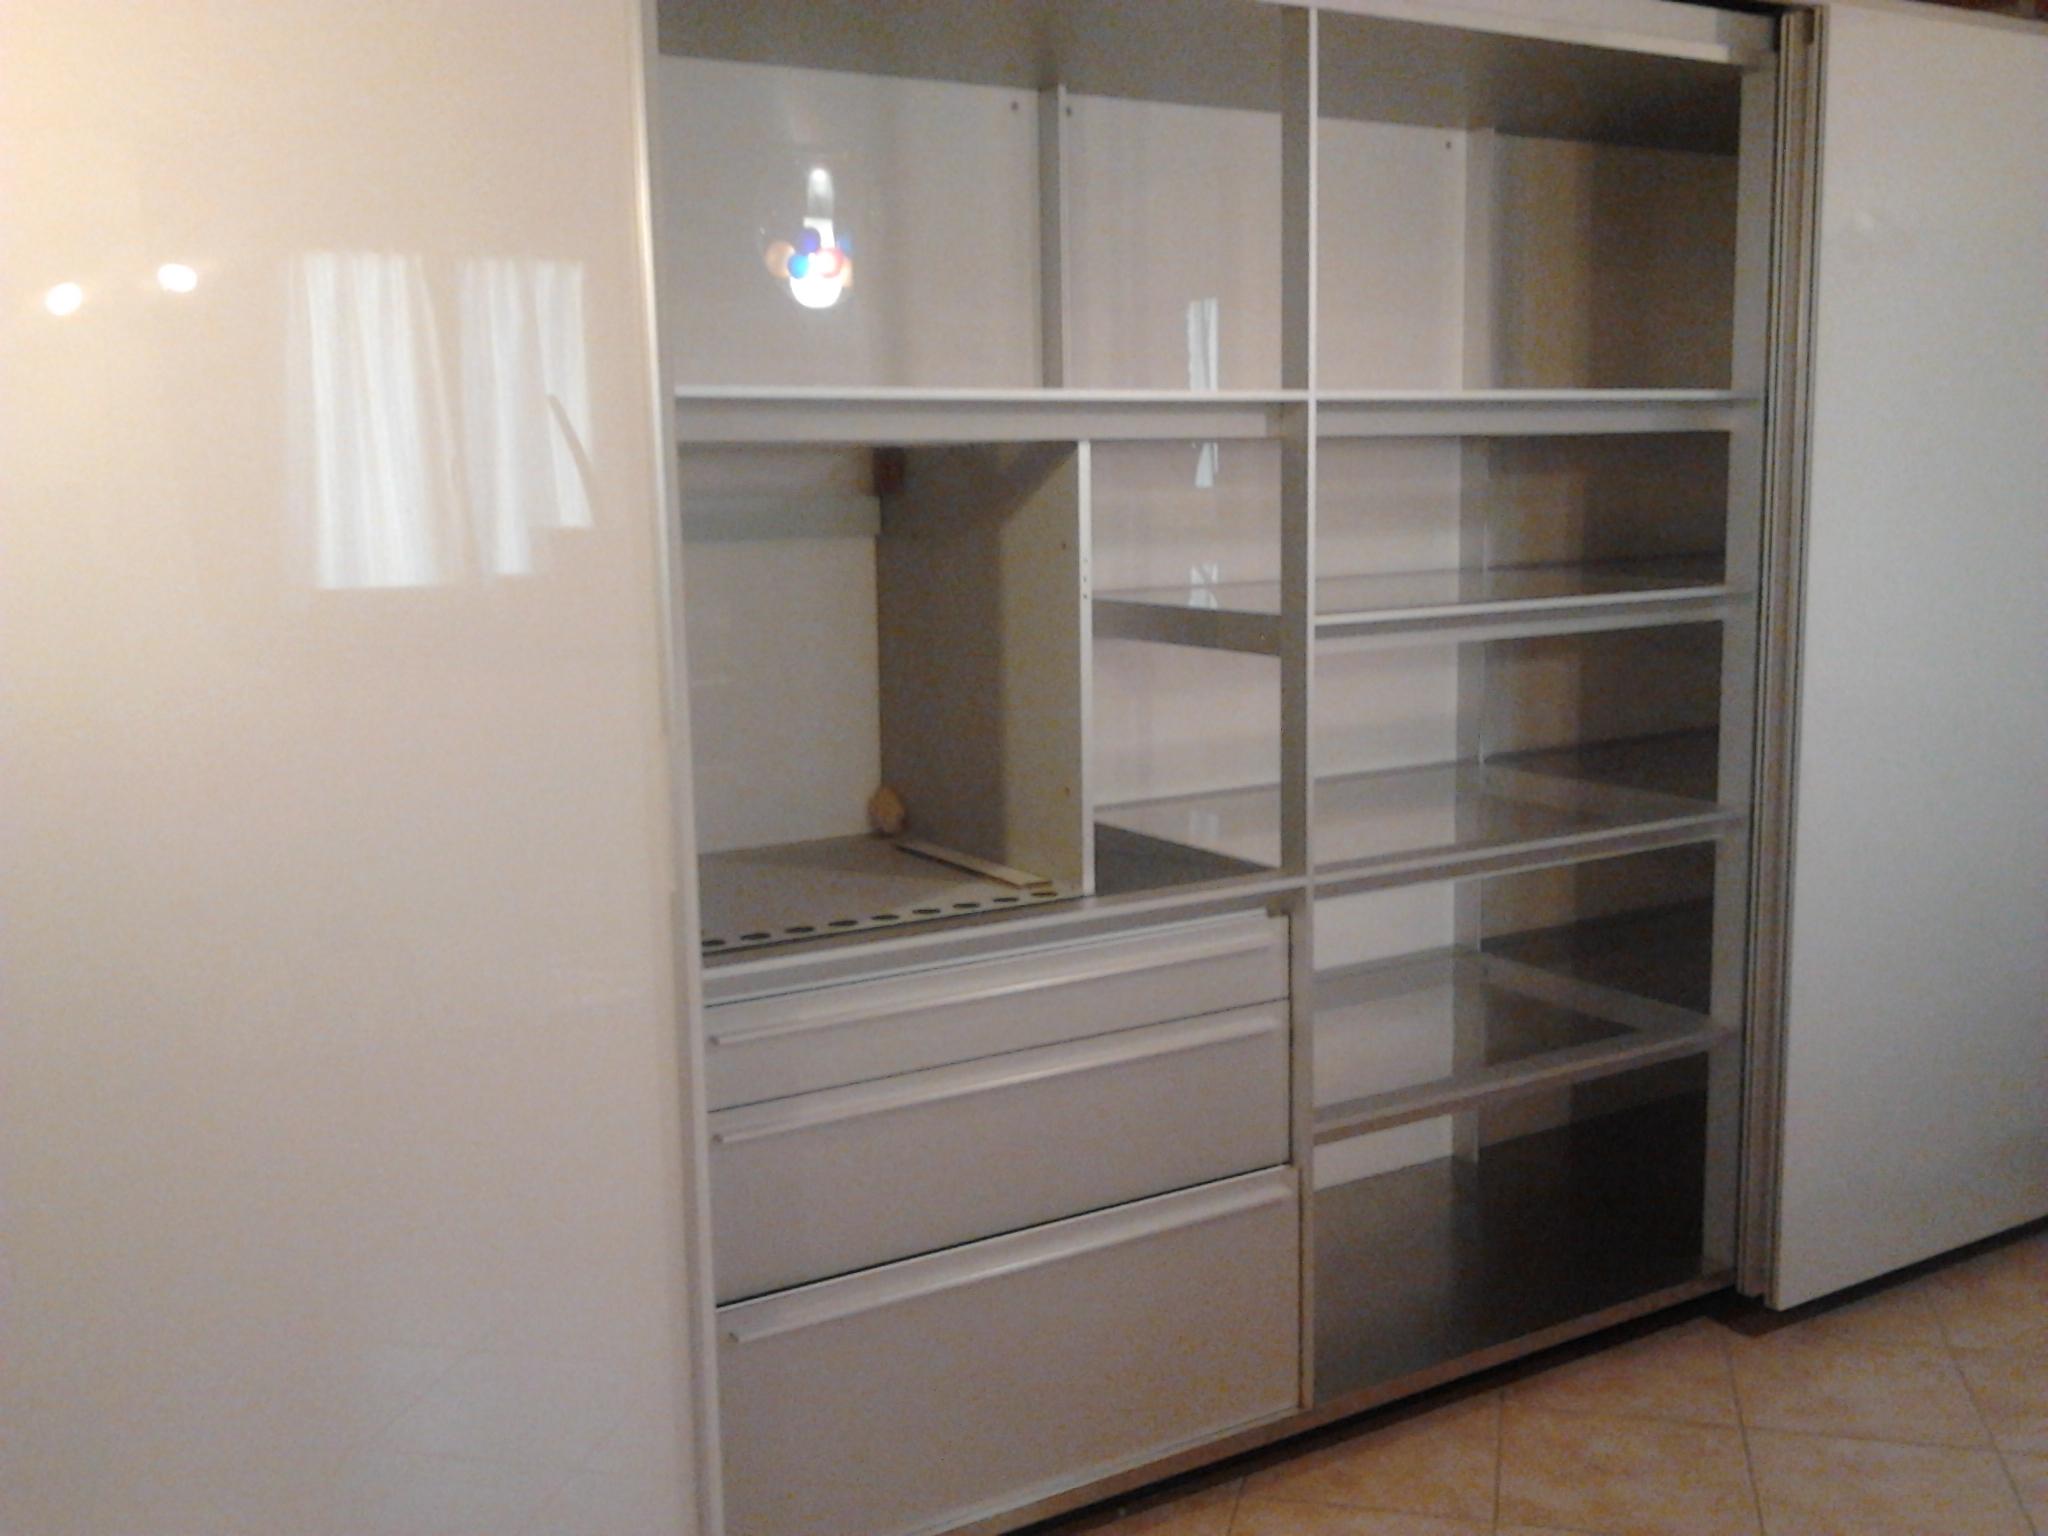 Cucine ad angolo valcucine : cucine ad angolo misure. cucine a ...